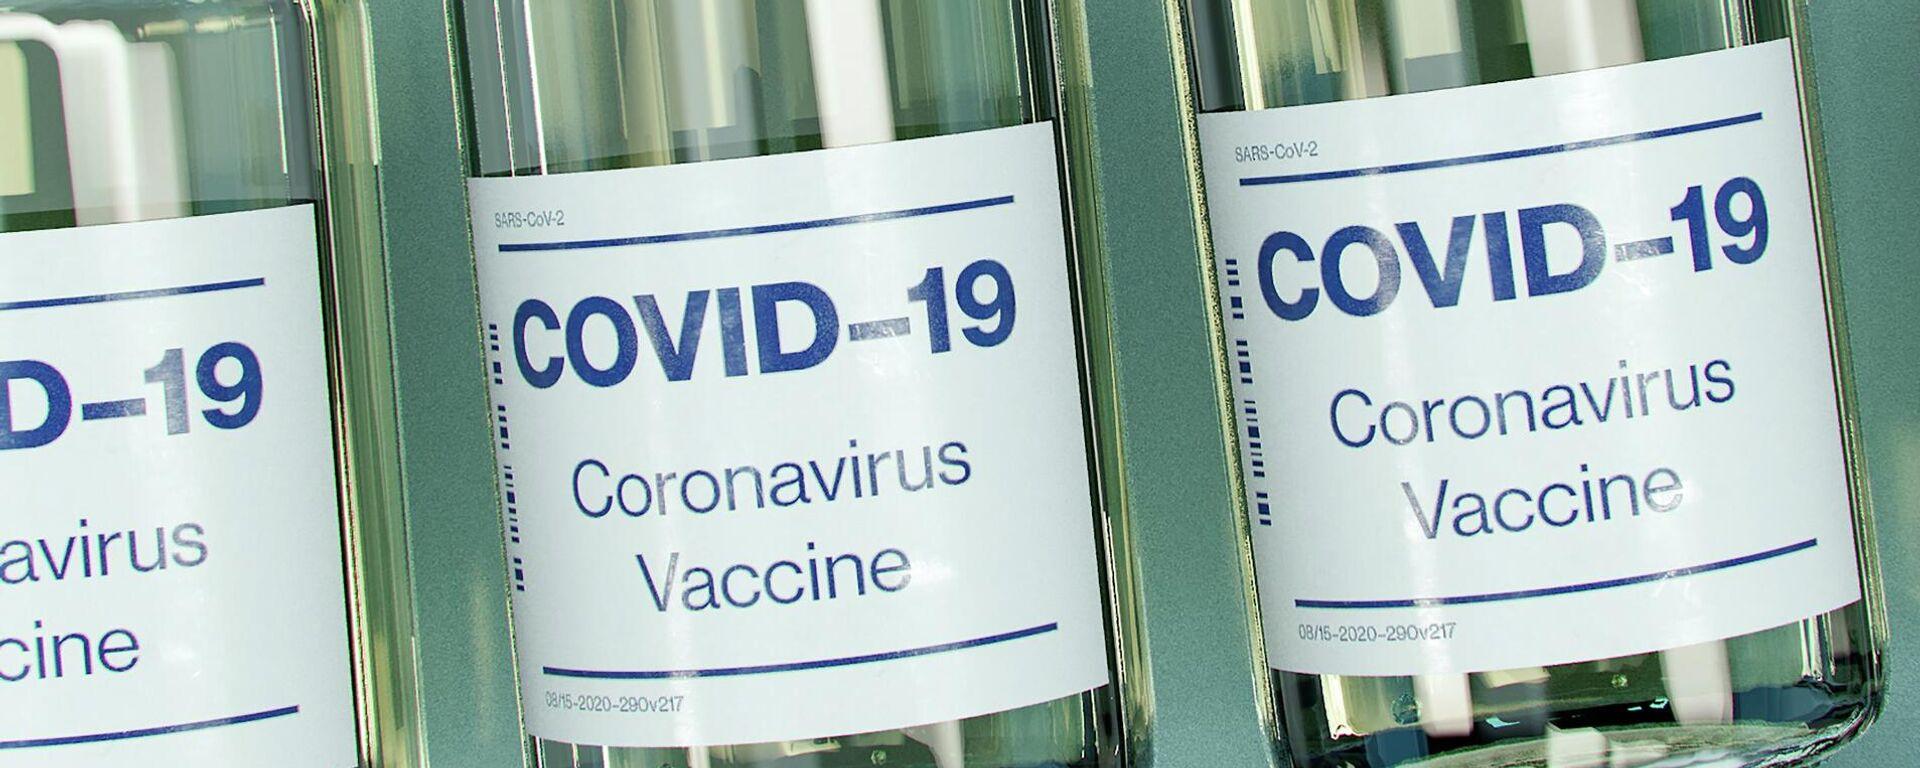 Бутылочки с вакциной от коронавируса. Иллюстративное фото - Sputnik Узбекистан, 1920, 31.03.2021